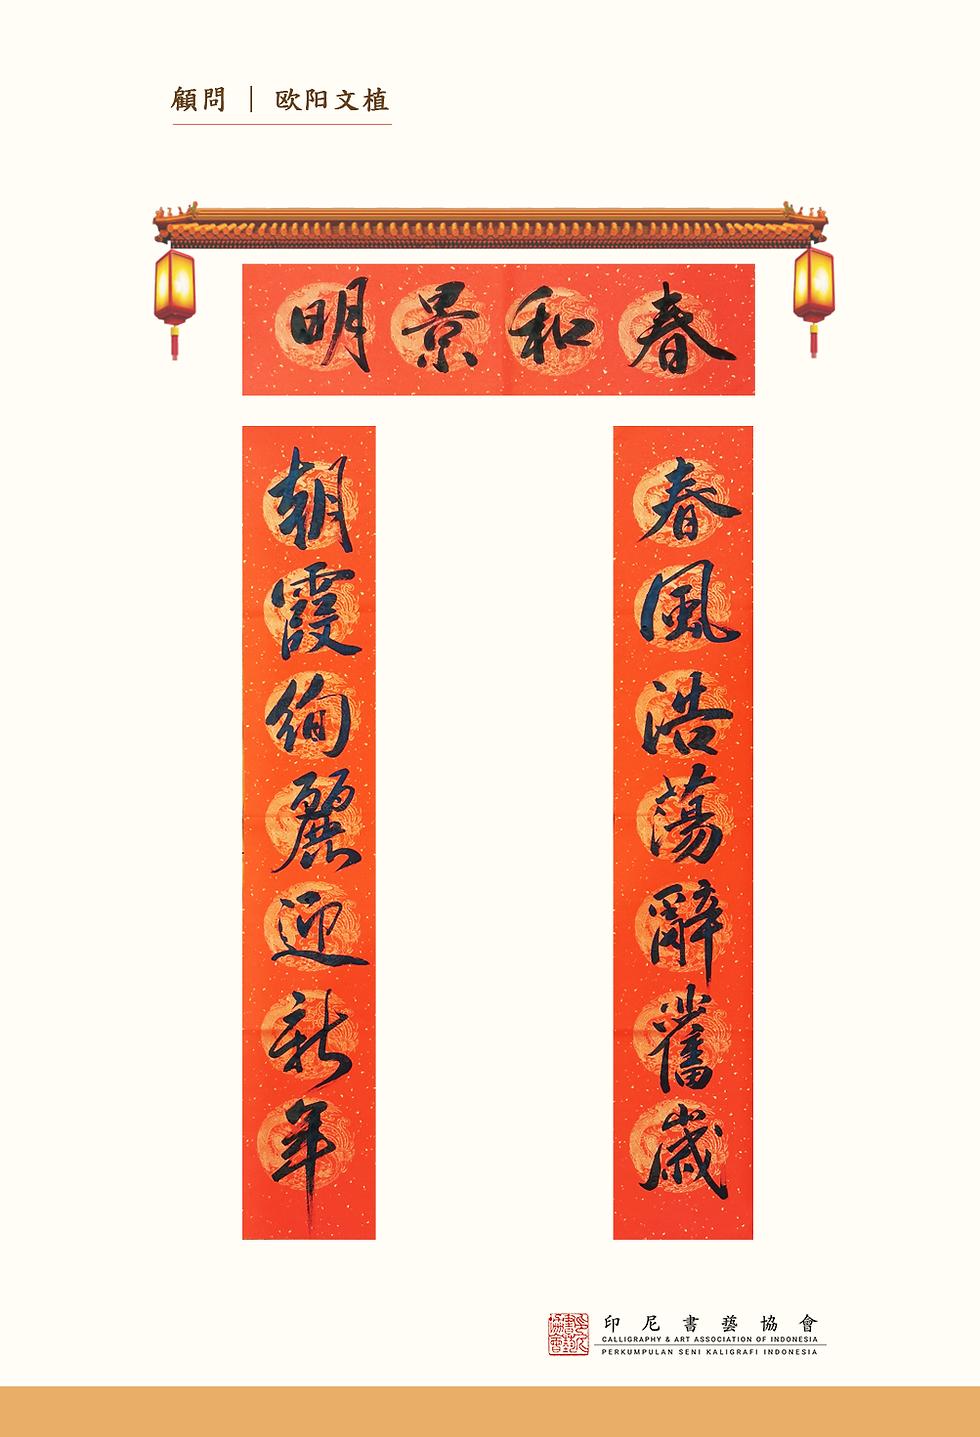 34-欧阳文植-34.png